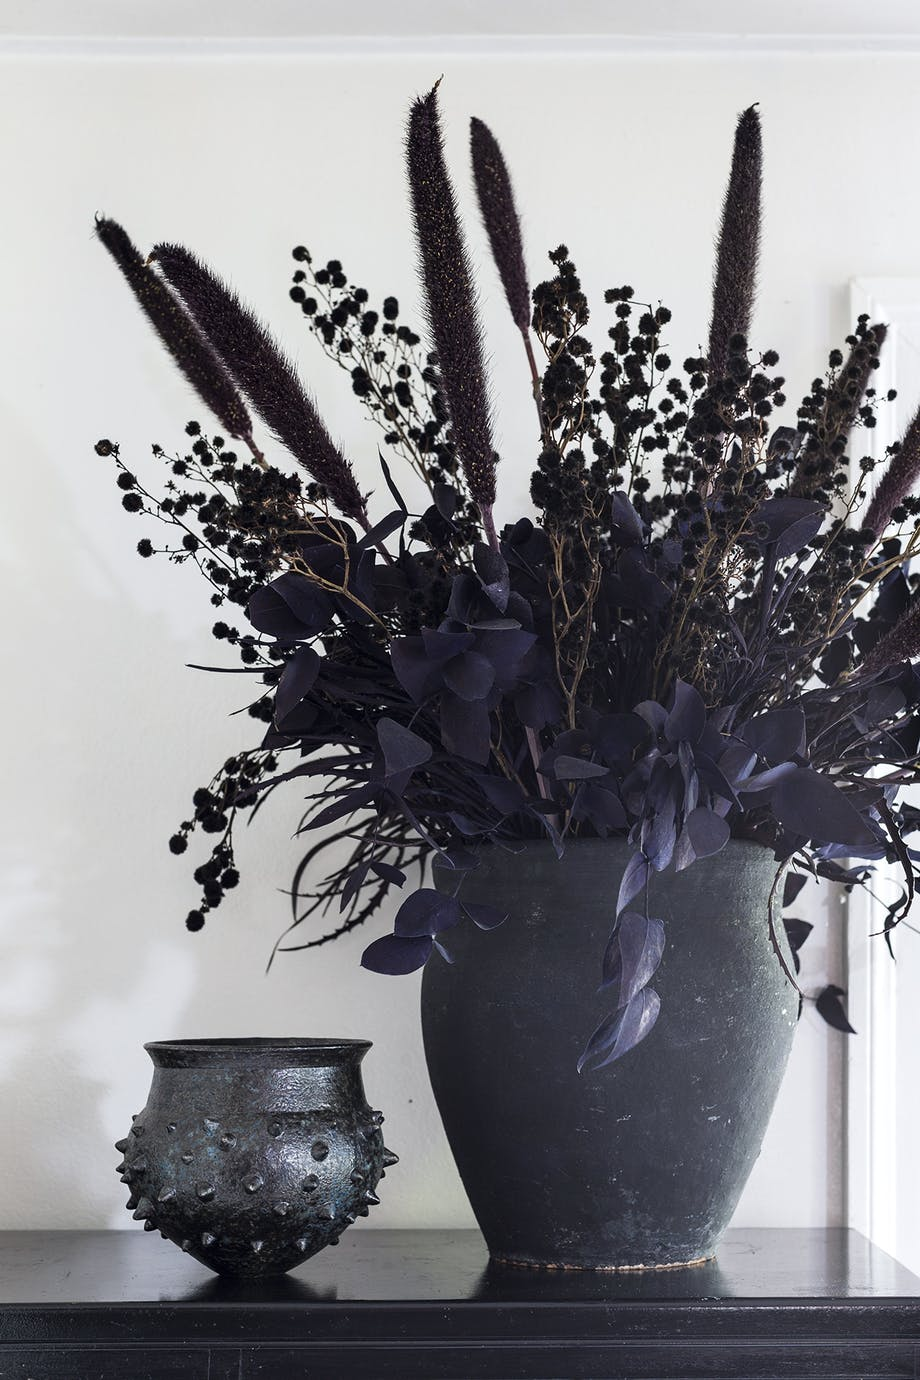 lejlighed villa indretning amager sort vase blomster